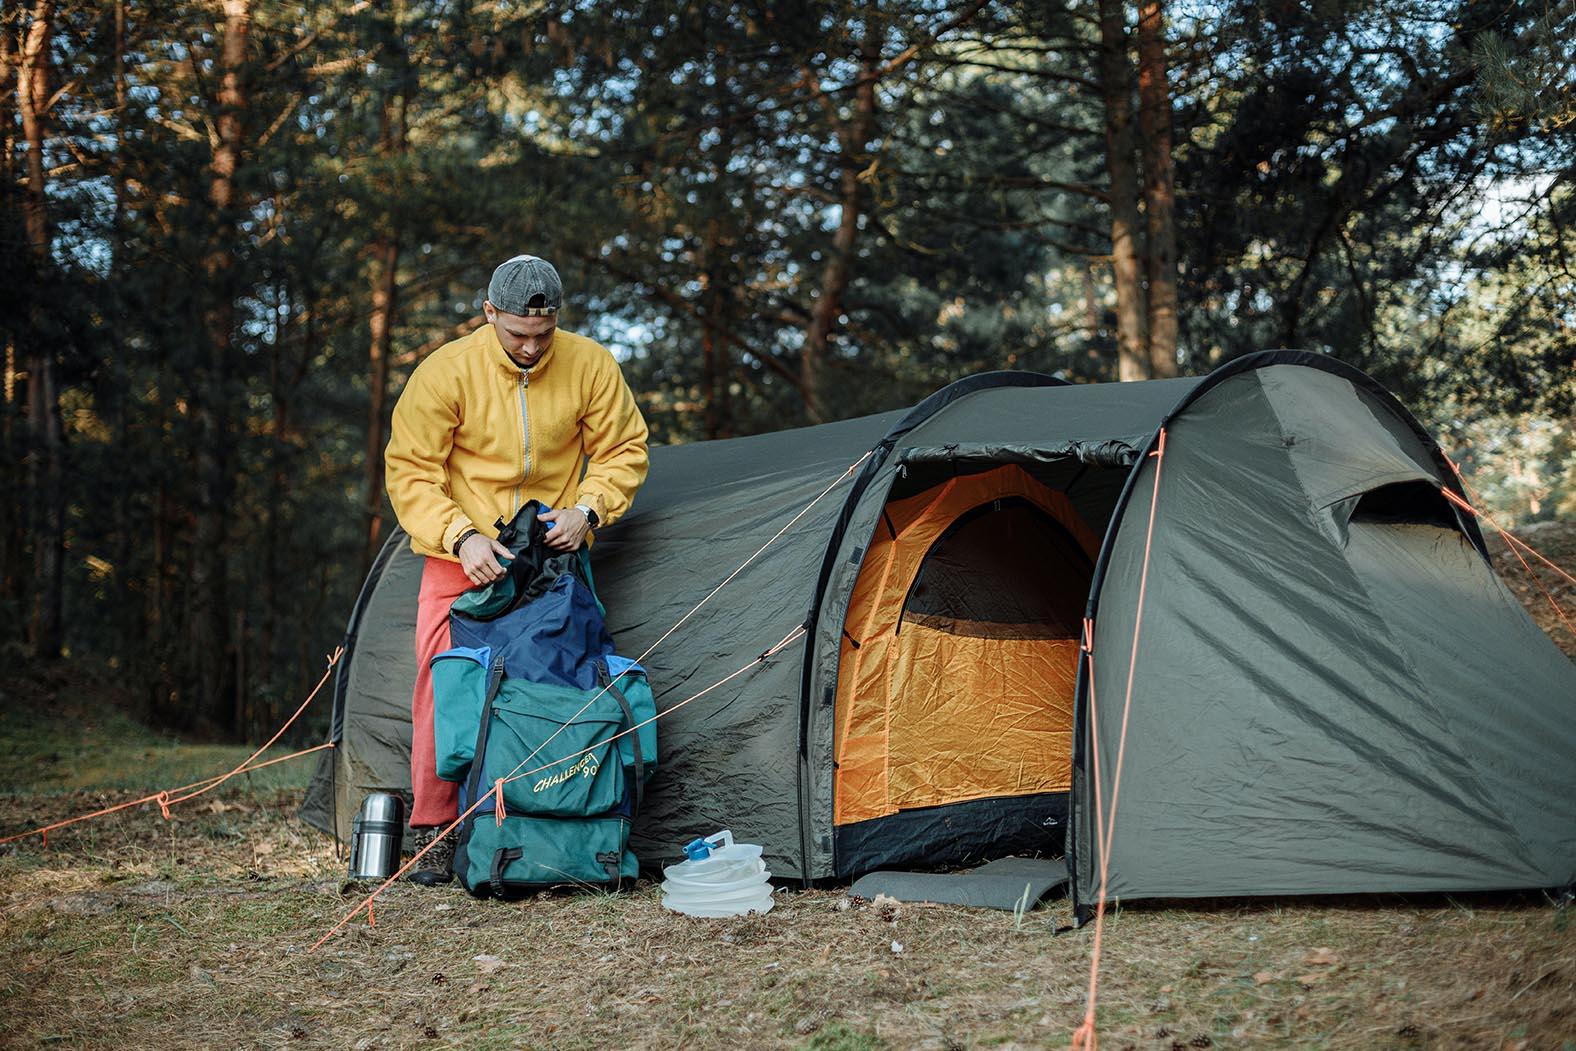 viel Platz auf dem Campingplatz